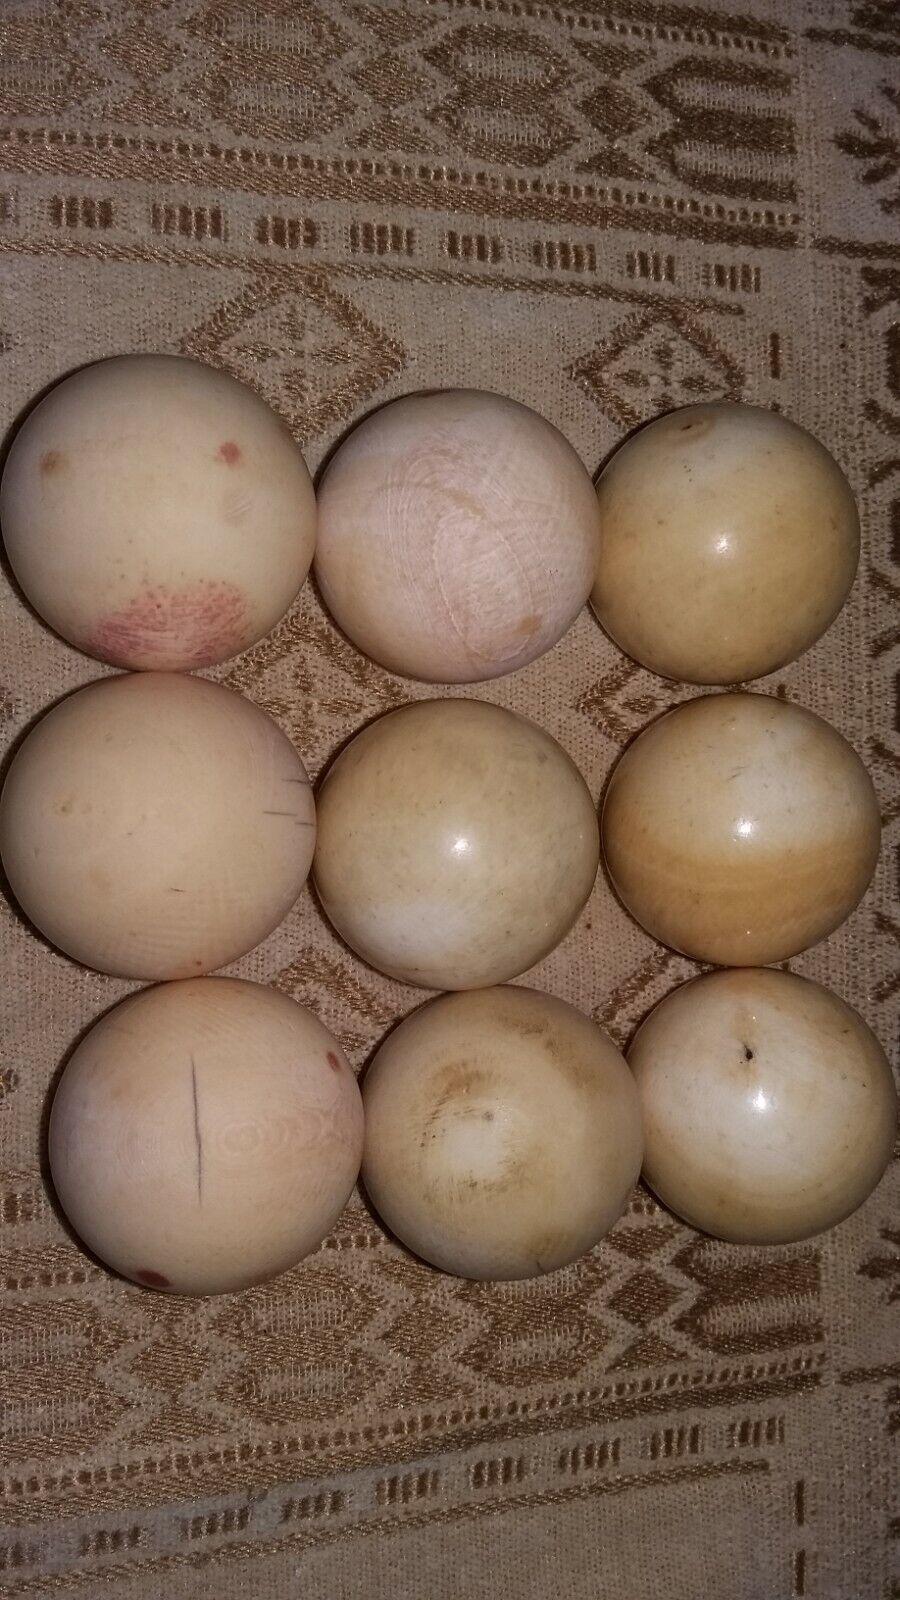 9 antique,19th century snooker,billiard balls,weight  12.3 oz